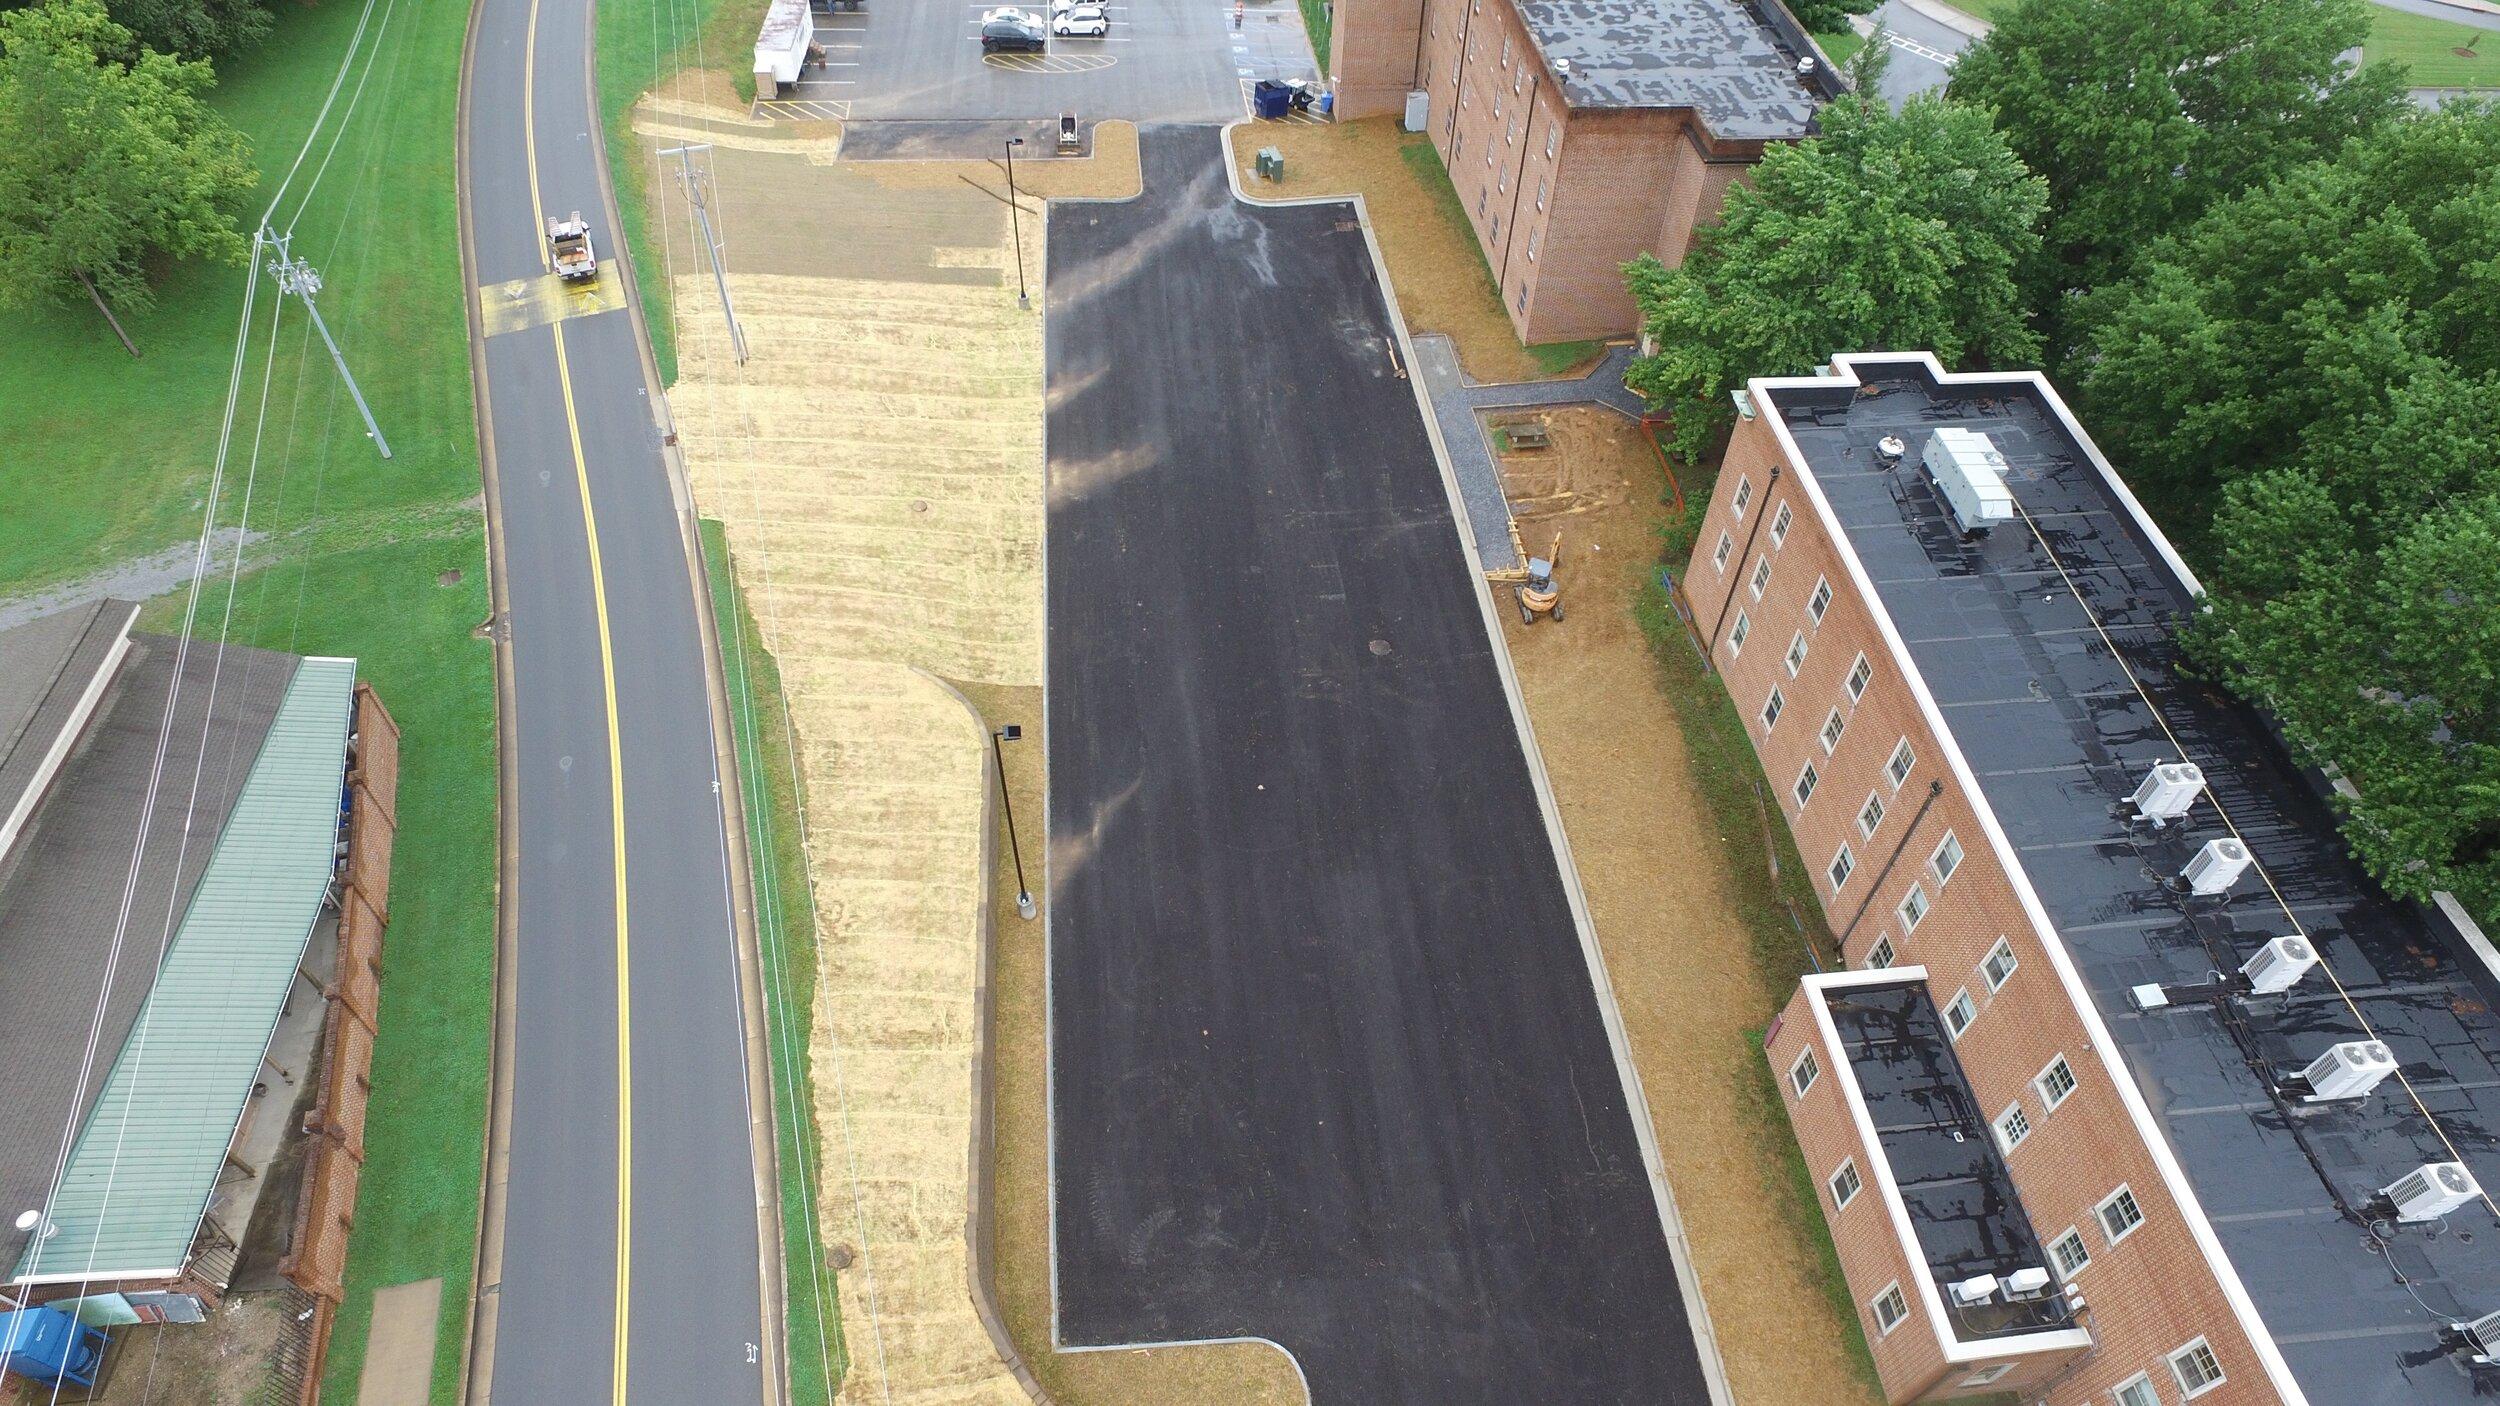 ETSU Dossett Parking Lot